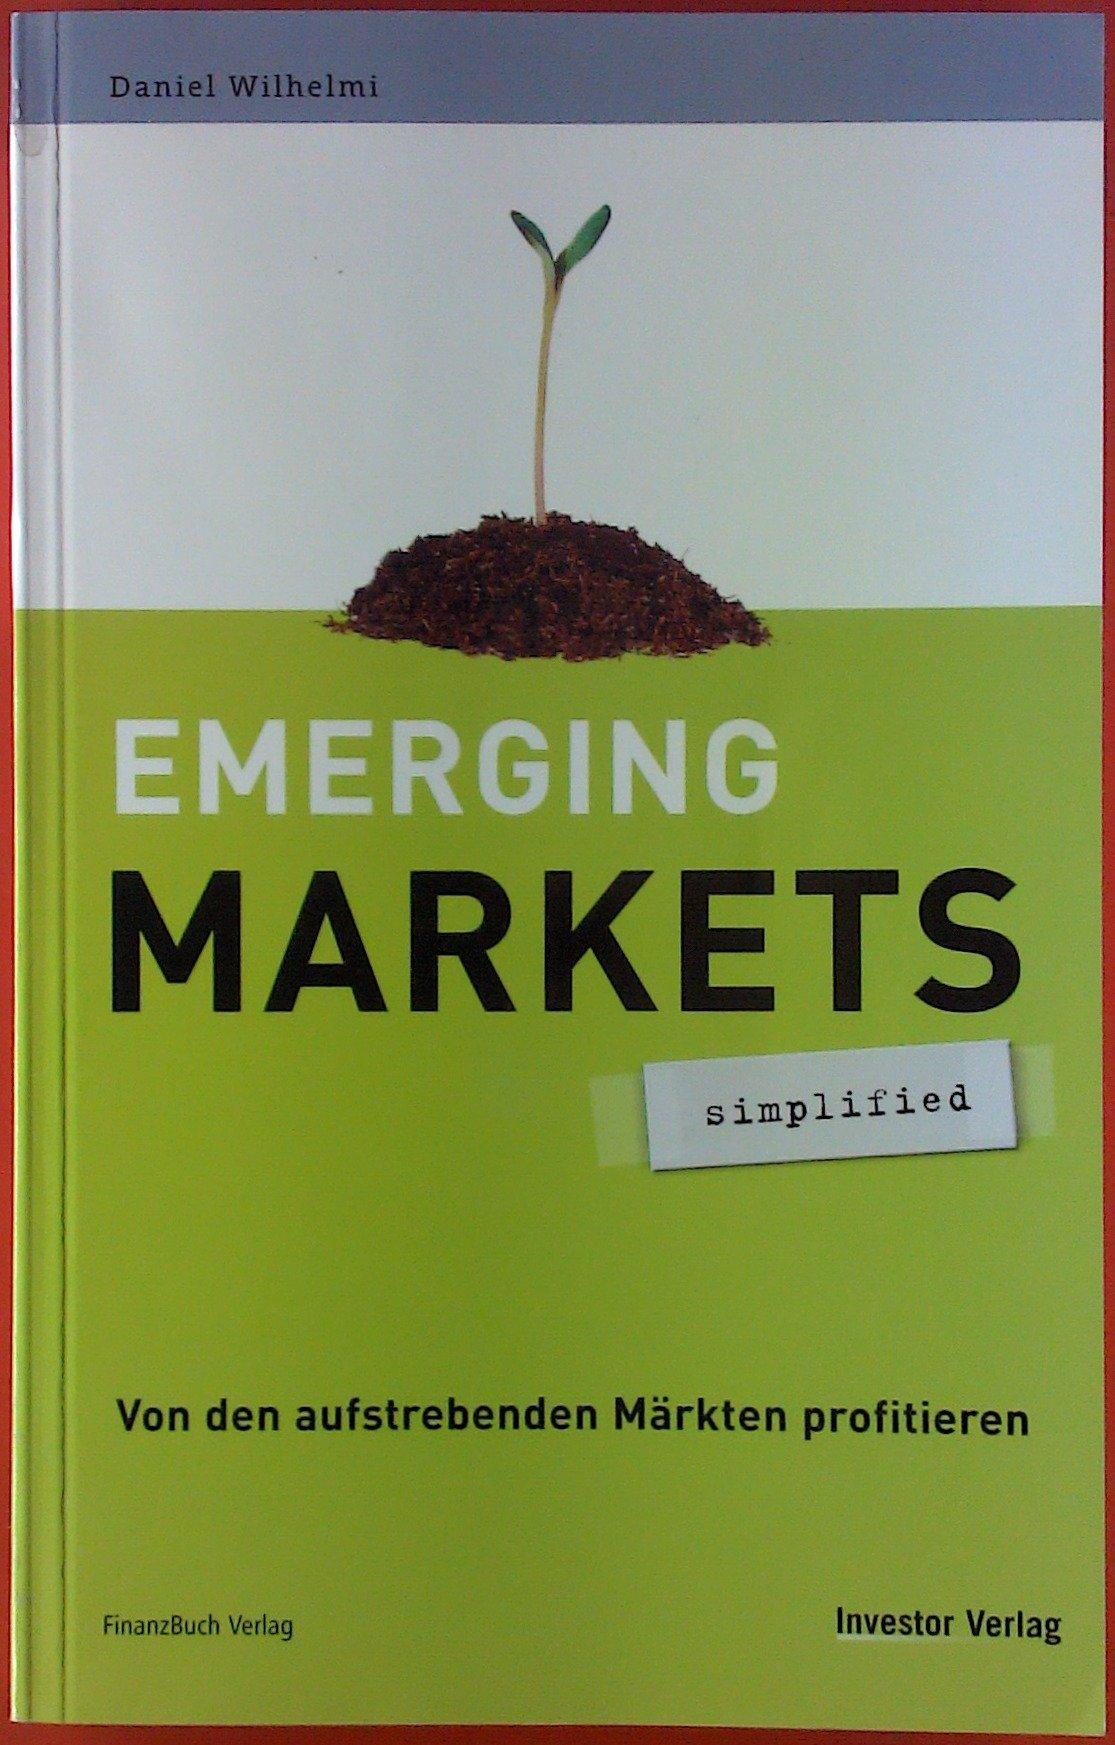 Emerging markets [sp7ks] : von den aufstrebenden Märkten profitieren (Reihe: simplified )